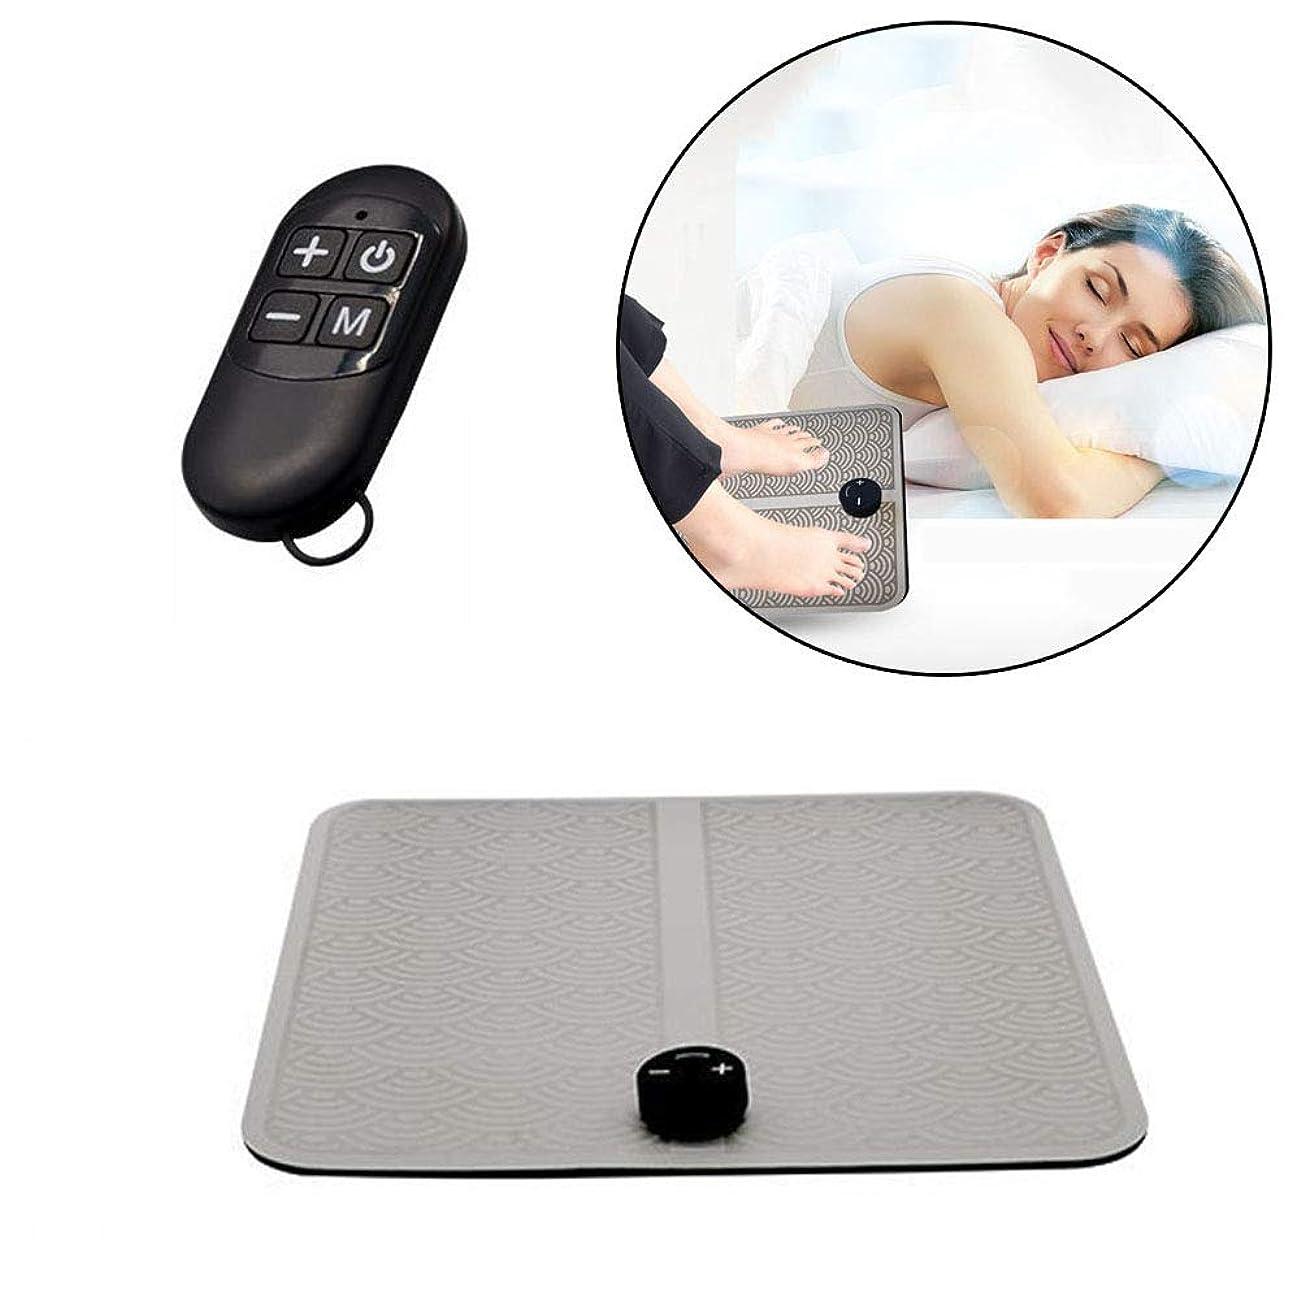 模索先見の明重量USBフットマッサージャー(EMS)電磁的に充電可能な筋肉刺激による痛みの緩和、ワイヤレス血液循環の改善、足の疲労の緩和